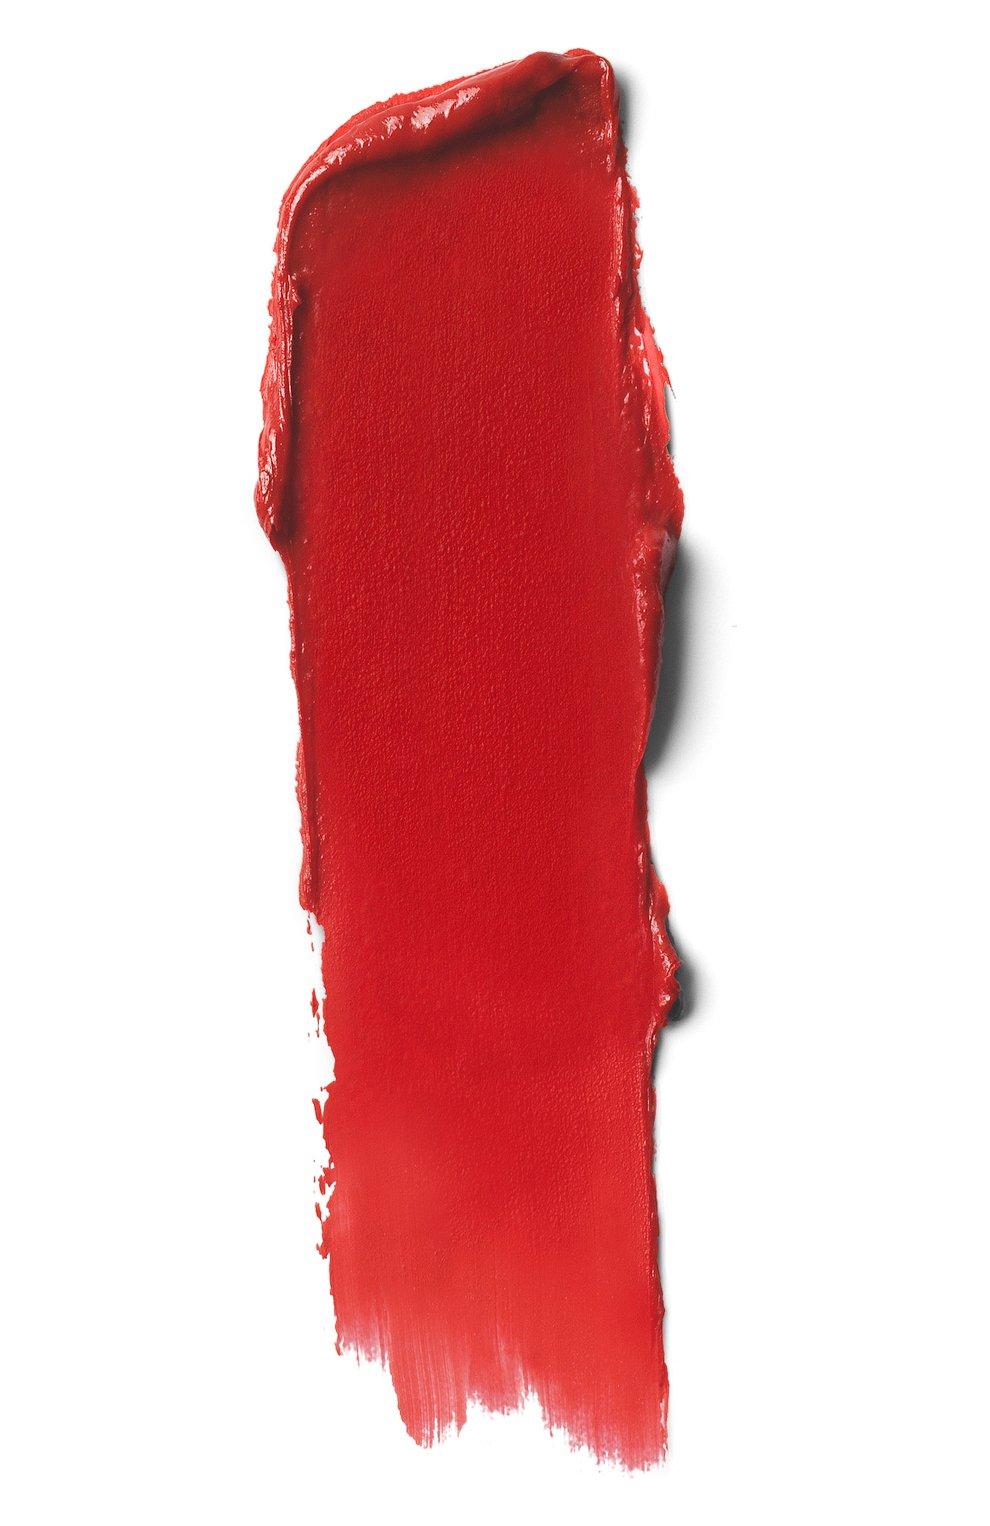 Женская увлажняющая помада с сиянием, 25 goldie red GUCCI бесцветного цвета, арт. 3614227749740   Фото 2